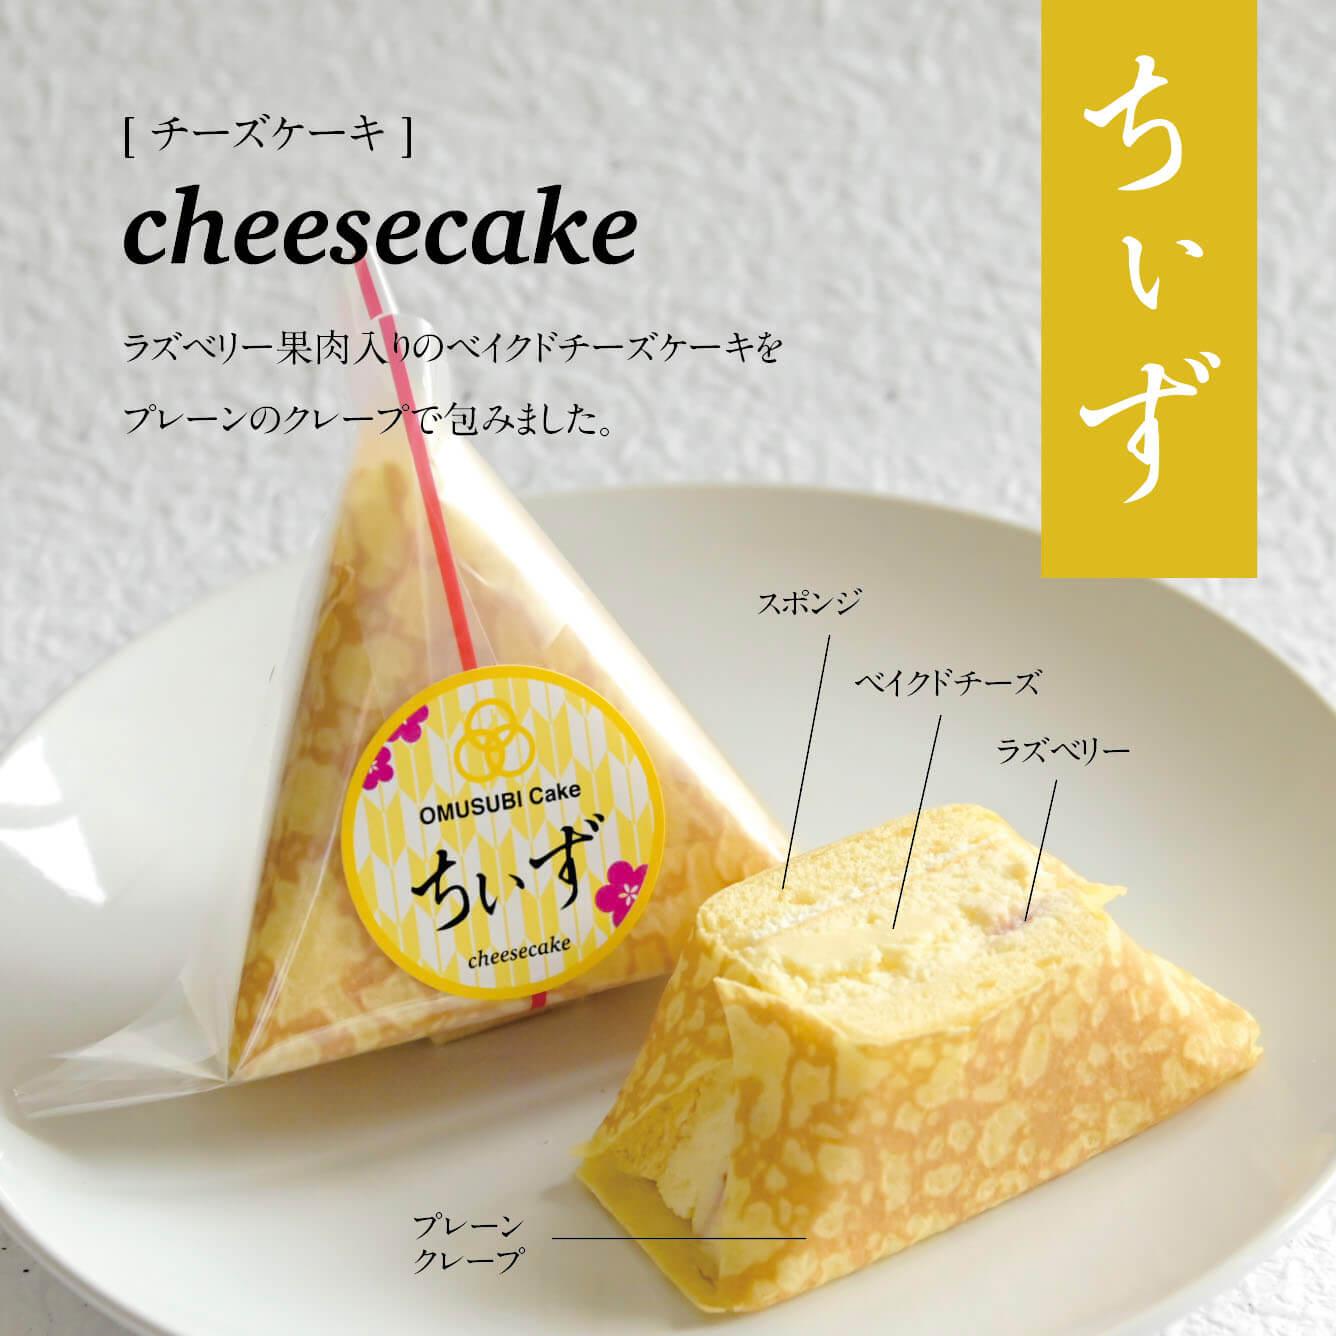 OSAKA OMUSUBI CakeのCheese Cake/¥450(税込み)